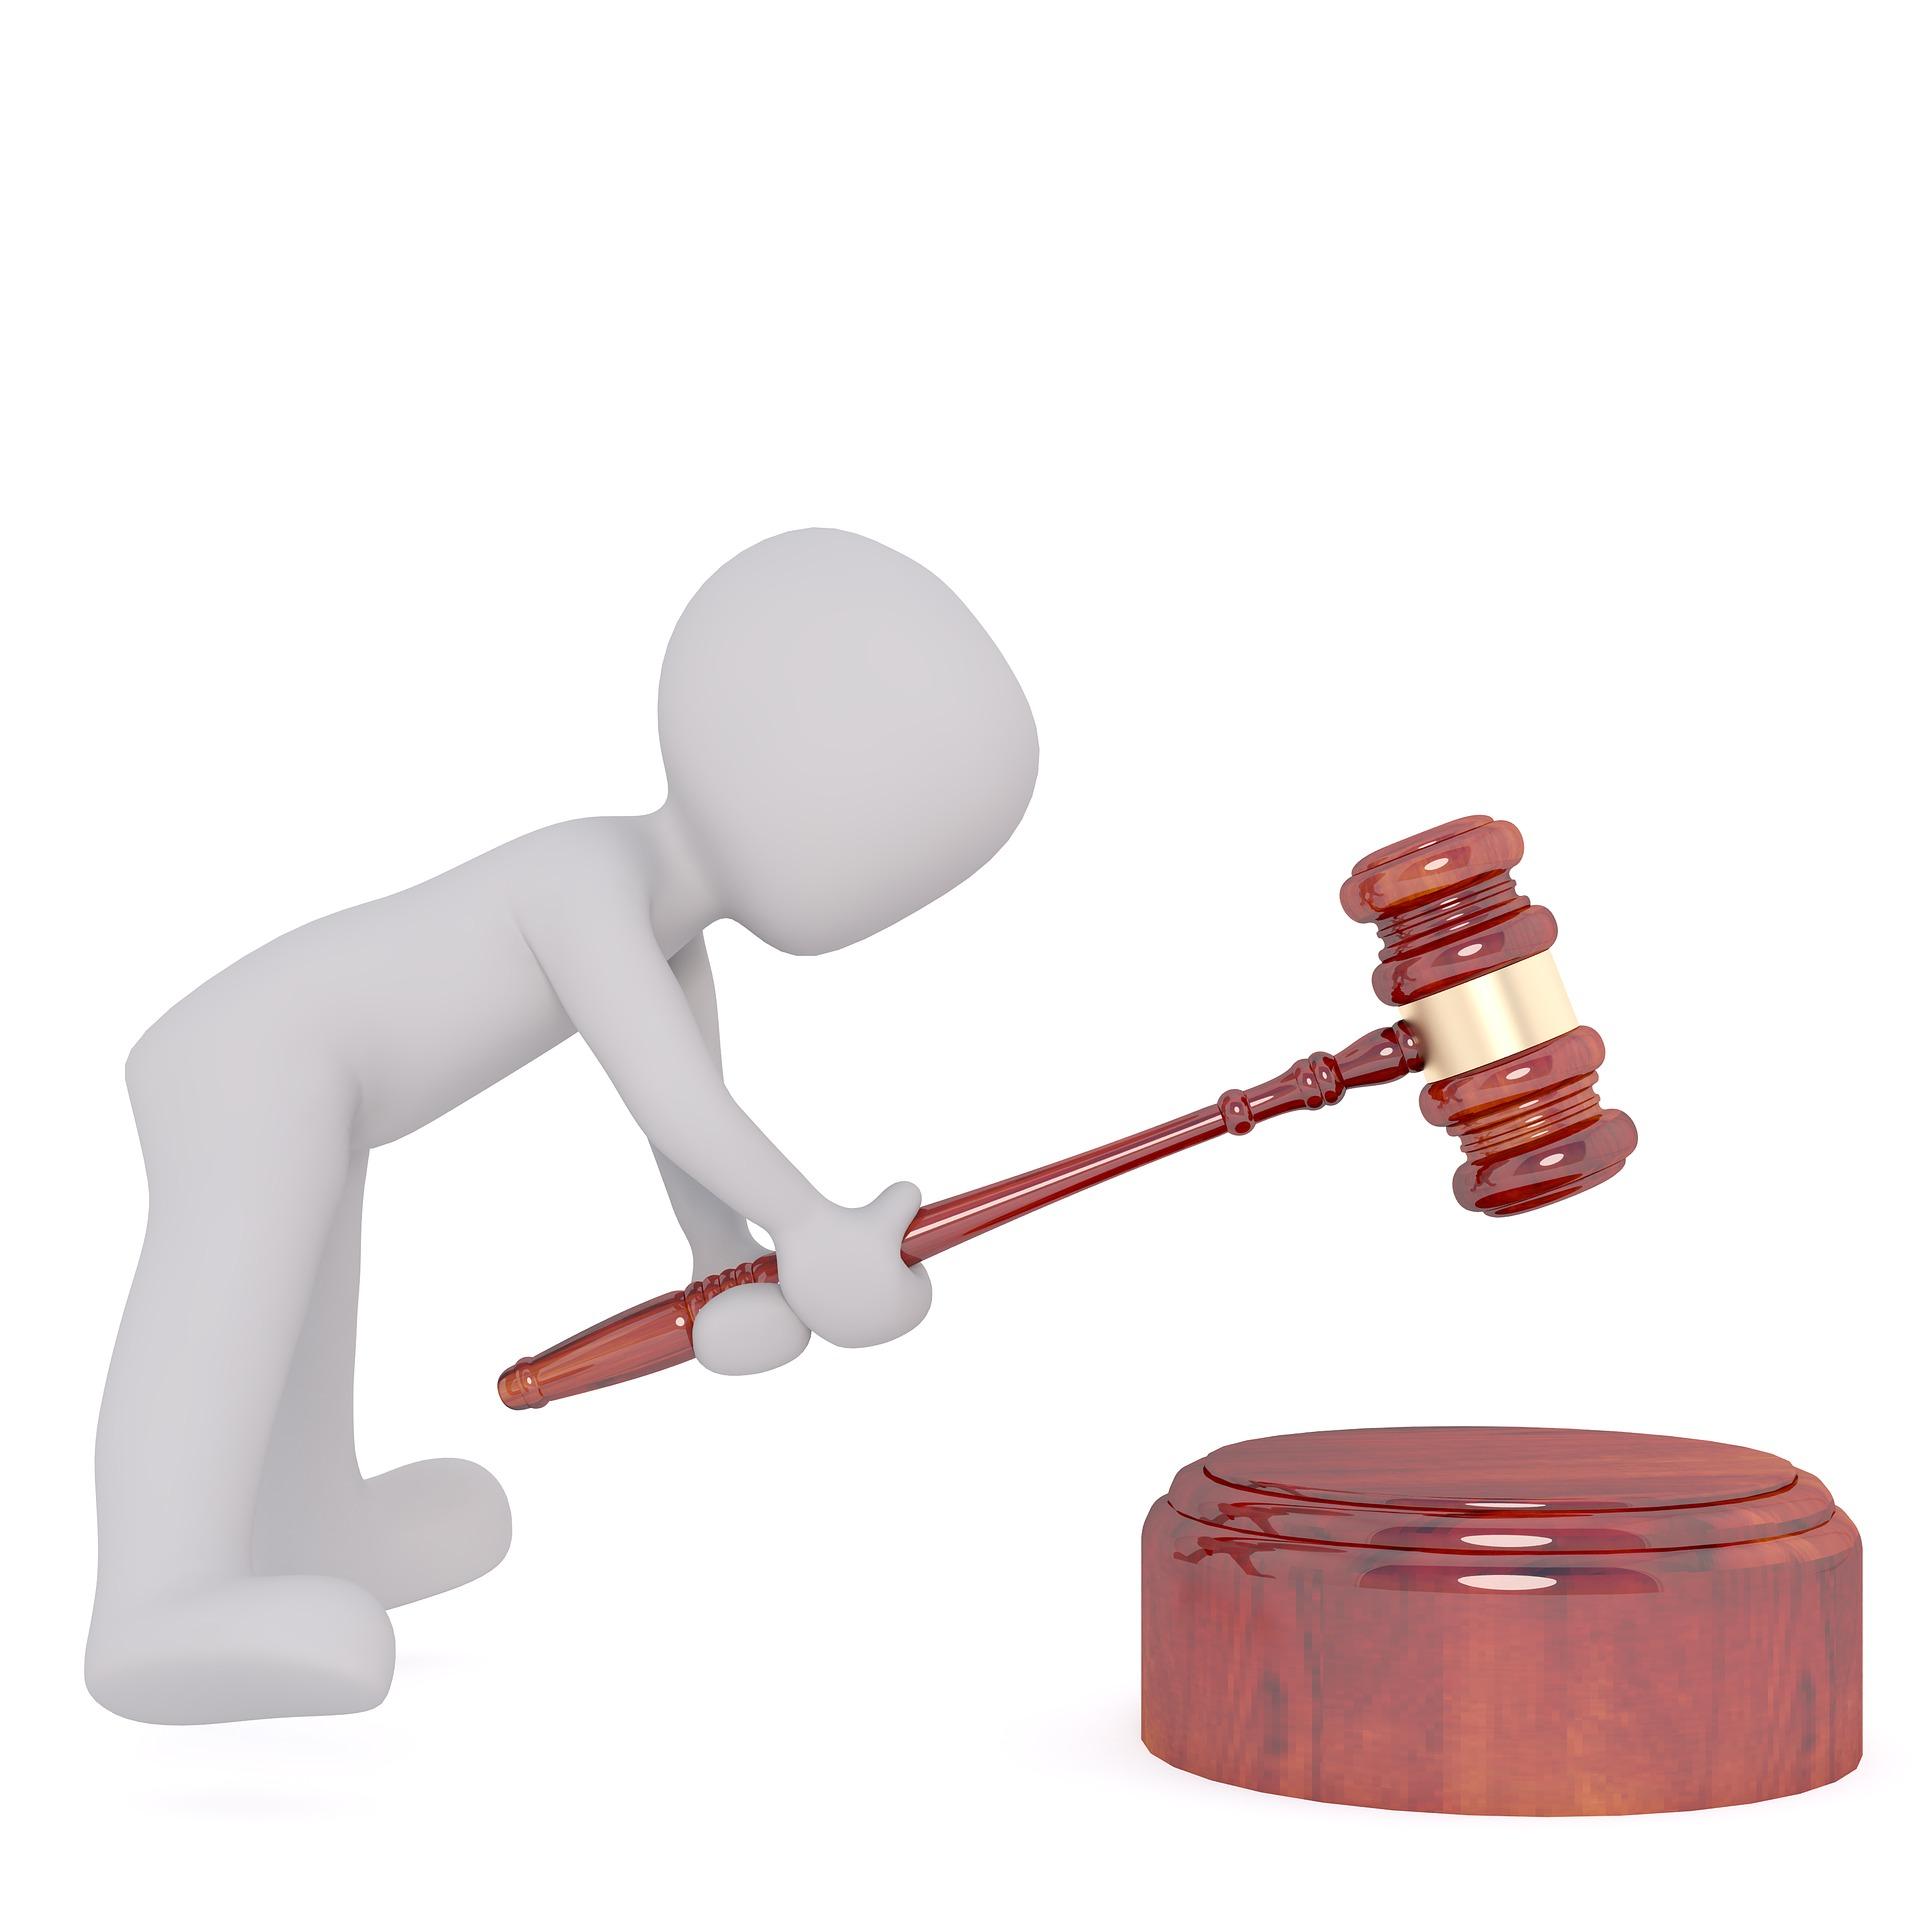 違法収集証拠排除法則